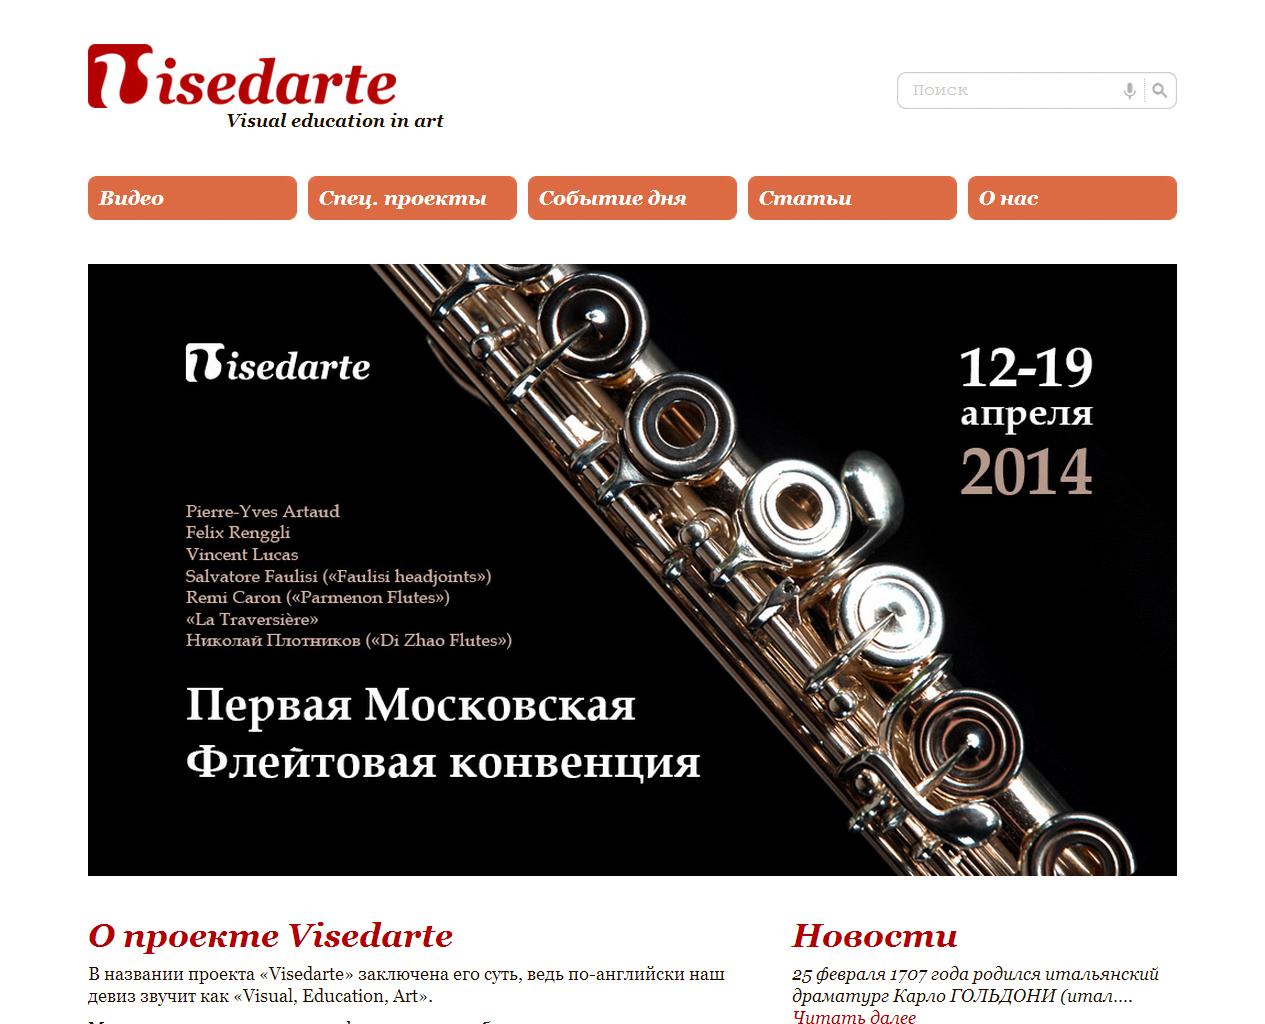 Создание сайта для обучающего проекта для музыкантов, художников, танцоров